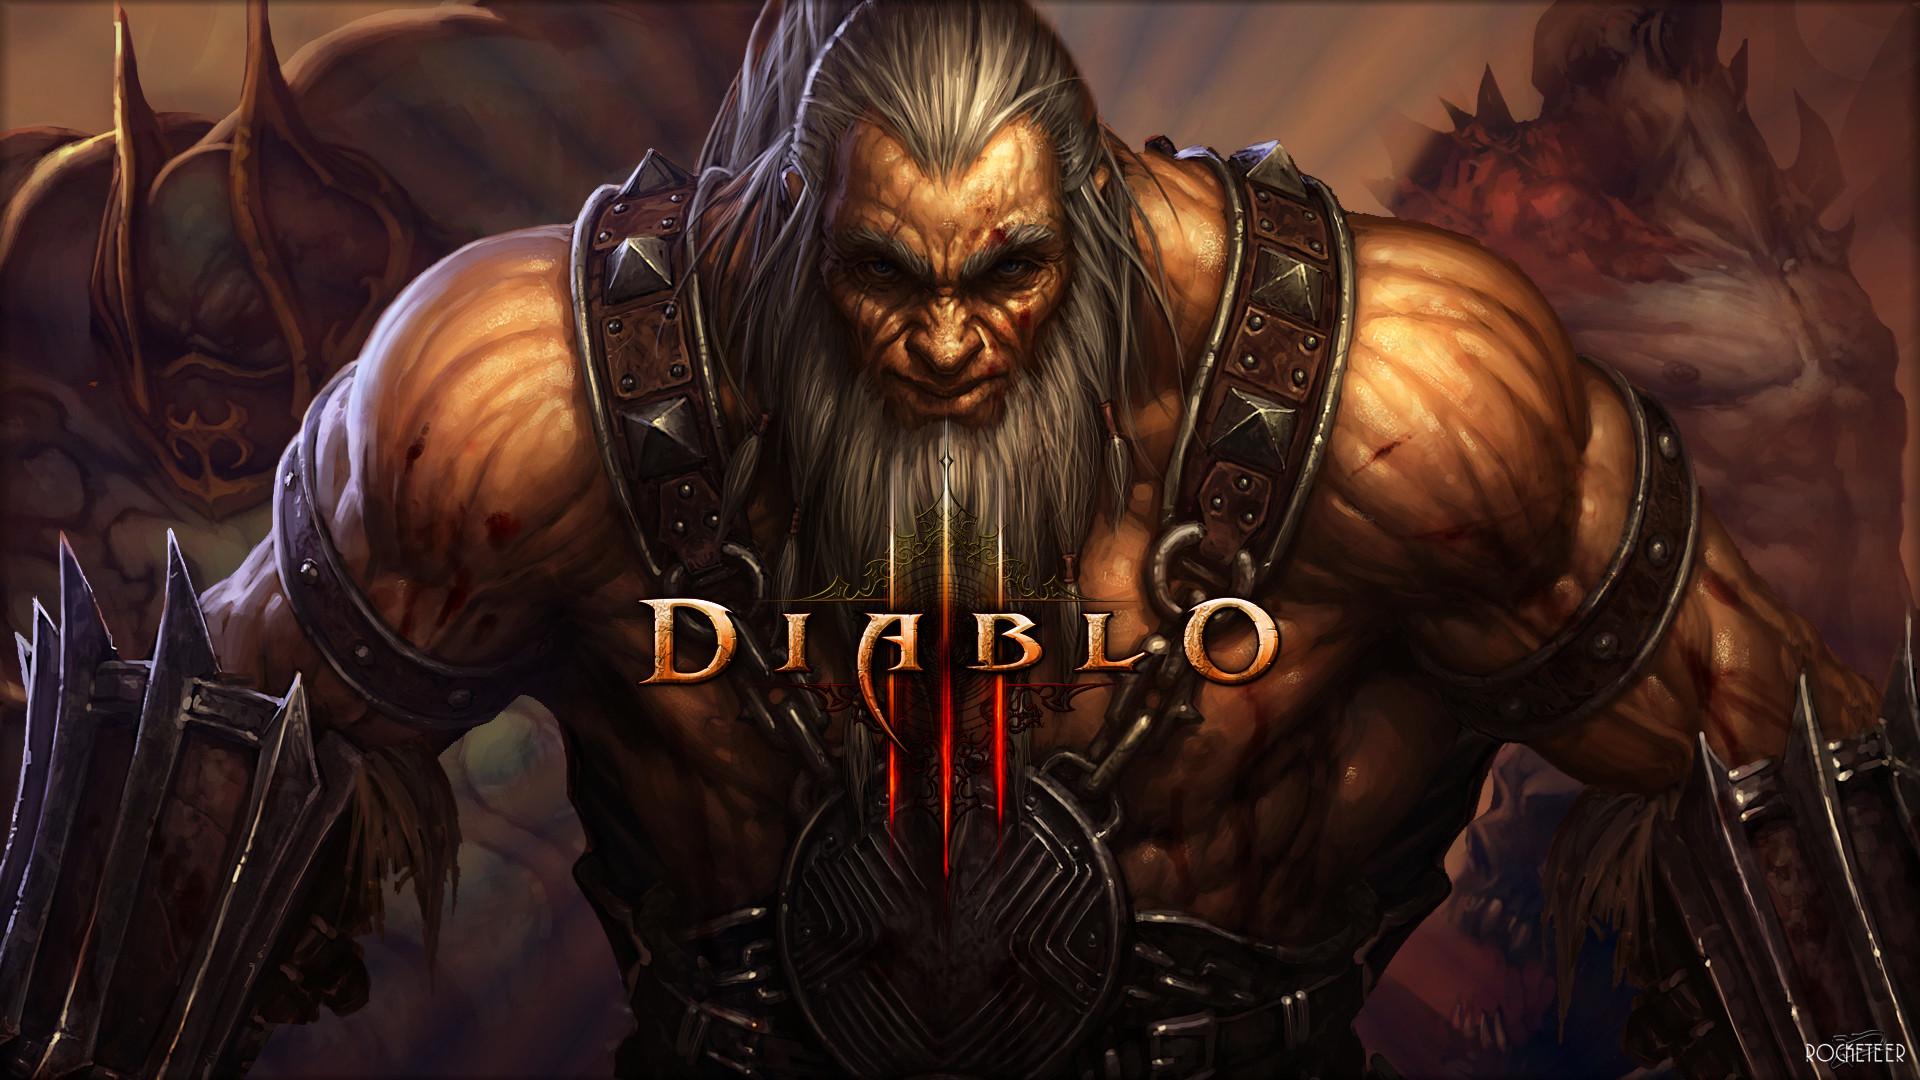 1920x1080 Diablo3 Male Barbarian wallpaper from Diablo 3 wallpapers